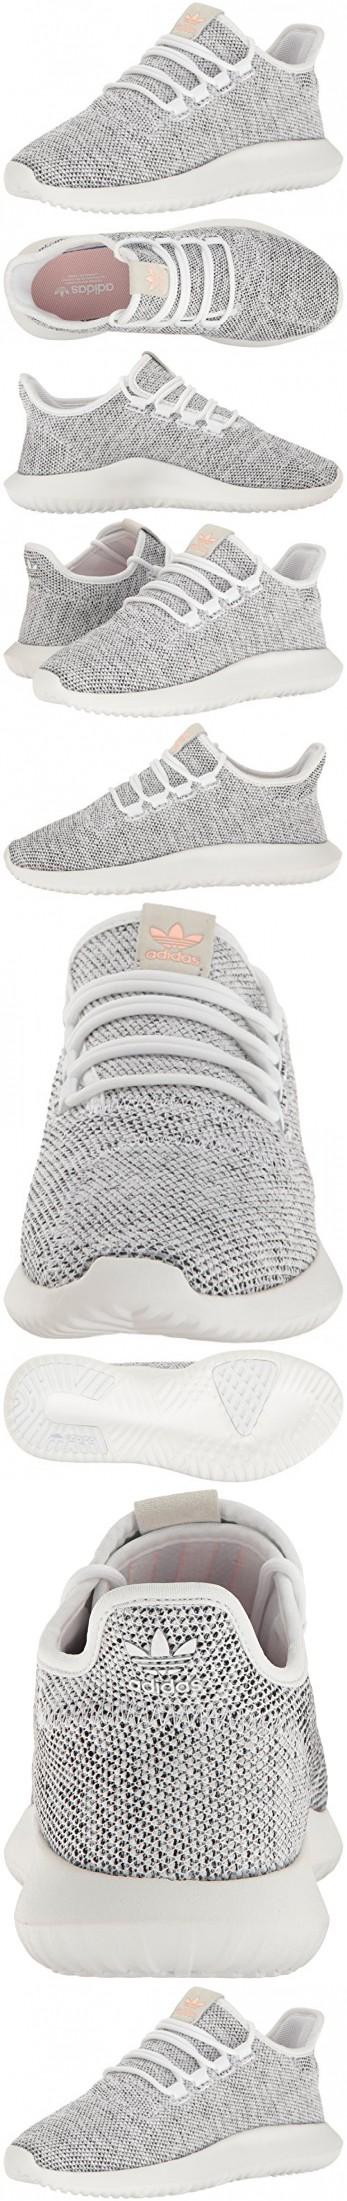 Adidas originali donne tubulare ombra w scarpa da corsa, bianco / pearl